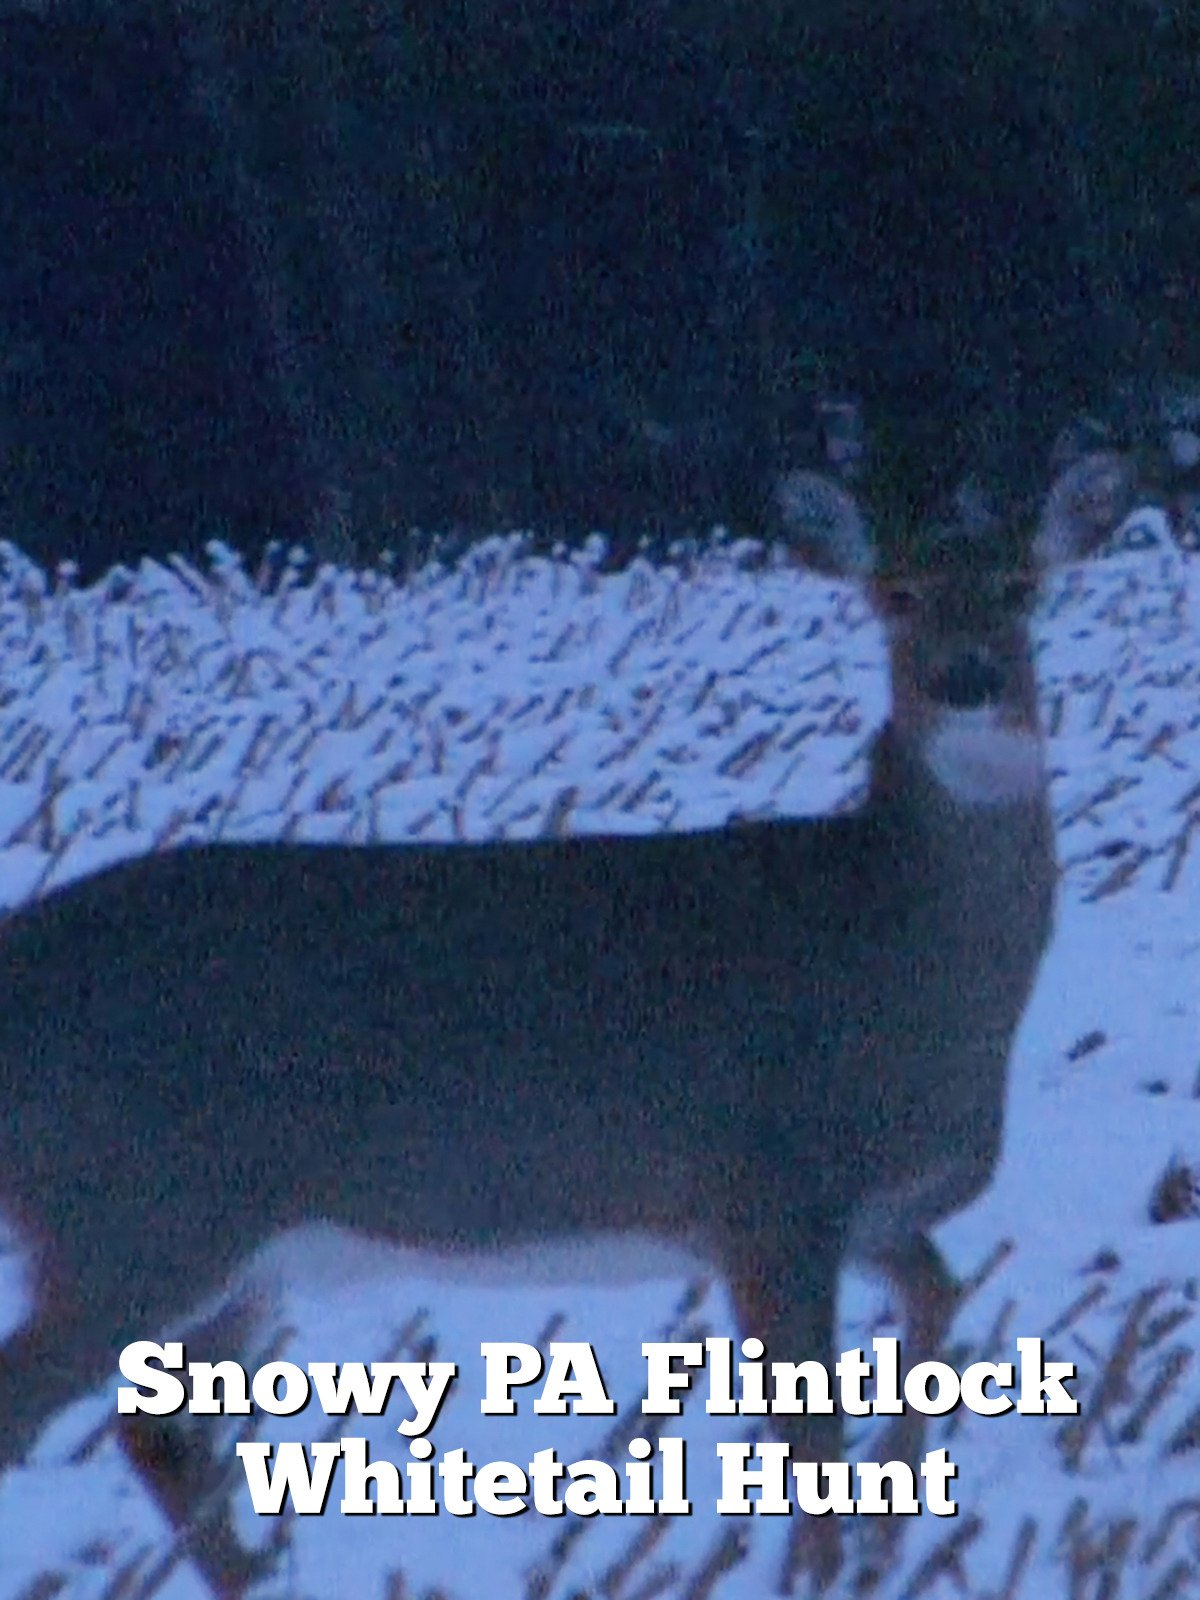 Snowy PA Flintlock Whitetail Hunt